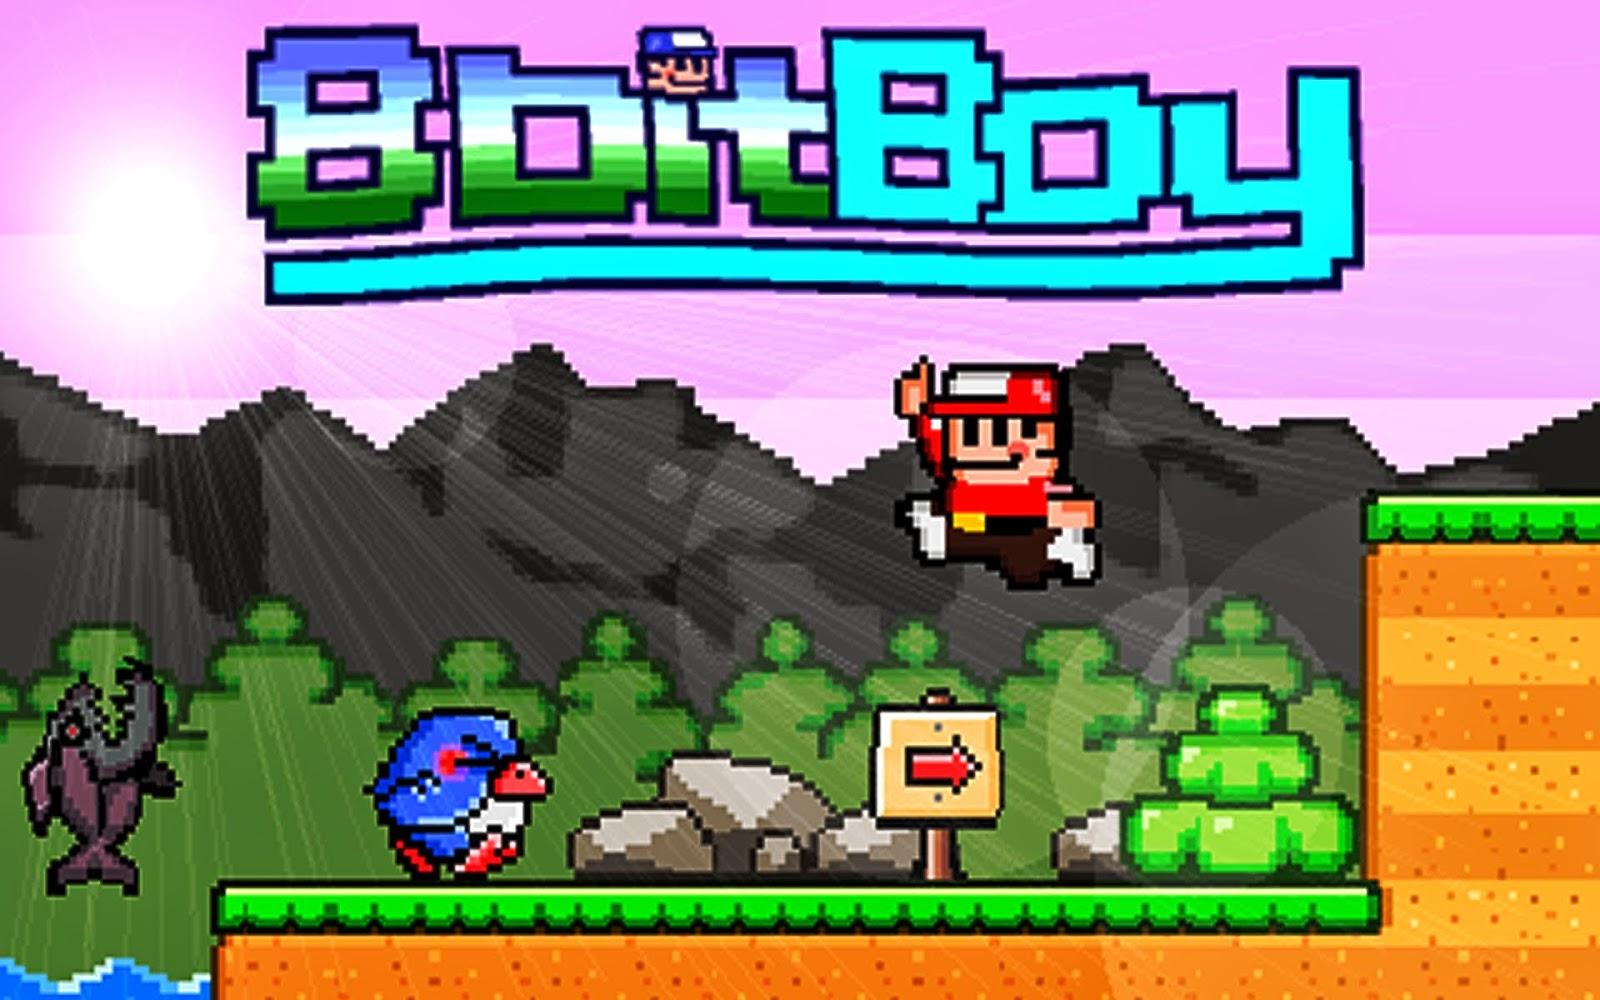 8BitBoy v1.5.3 free download